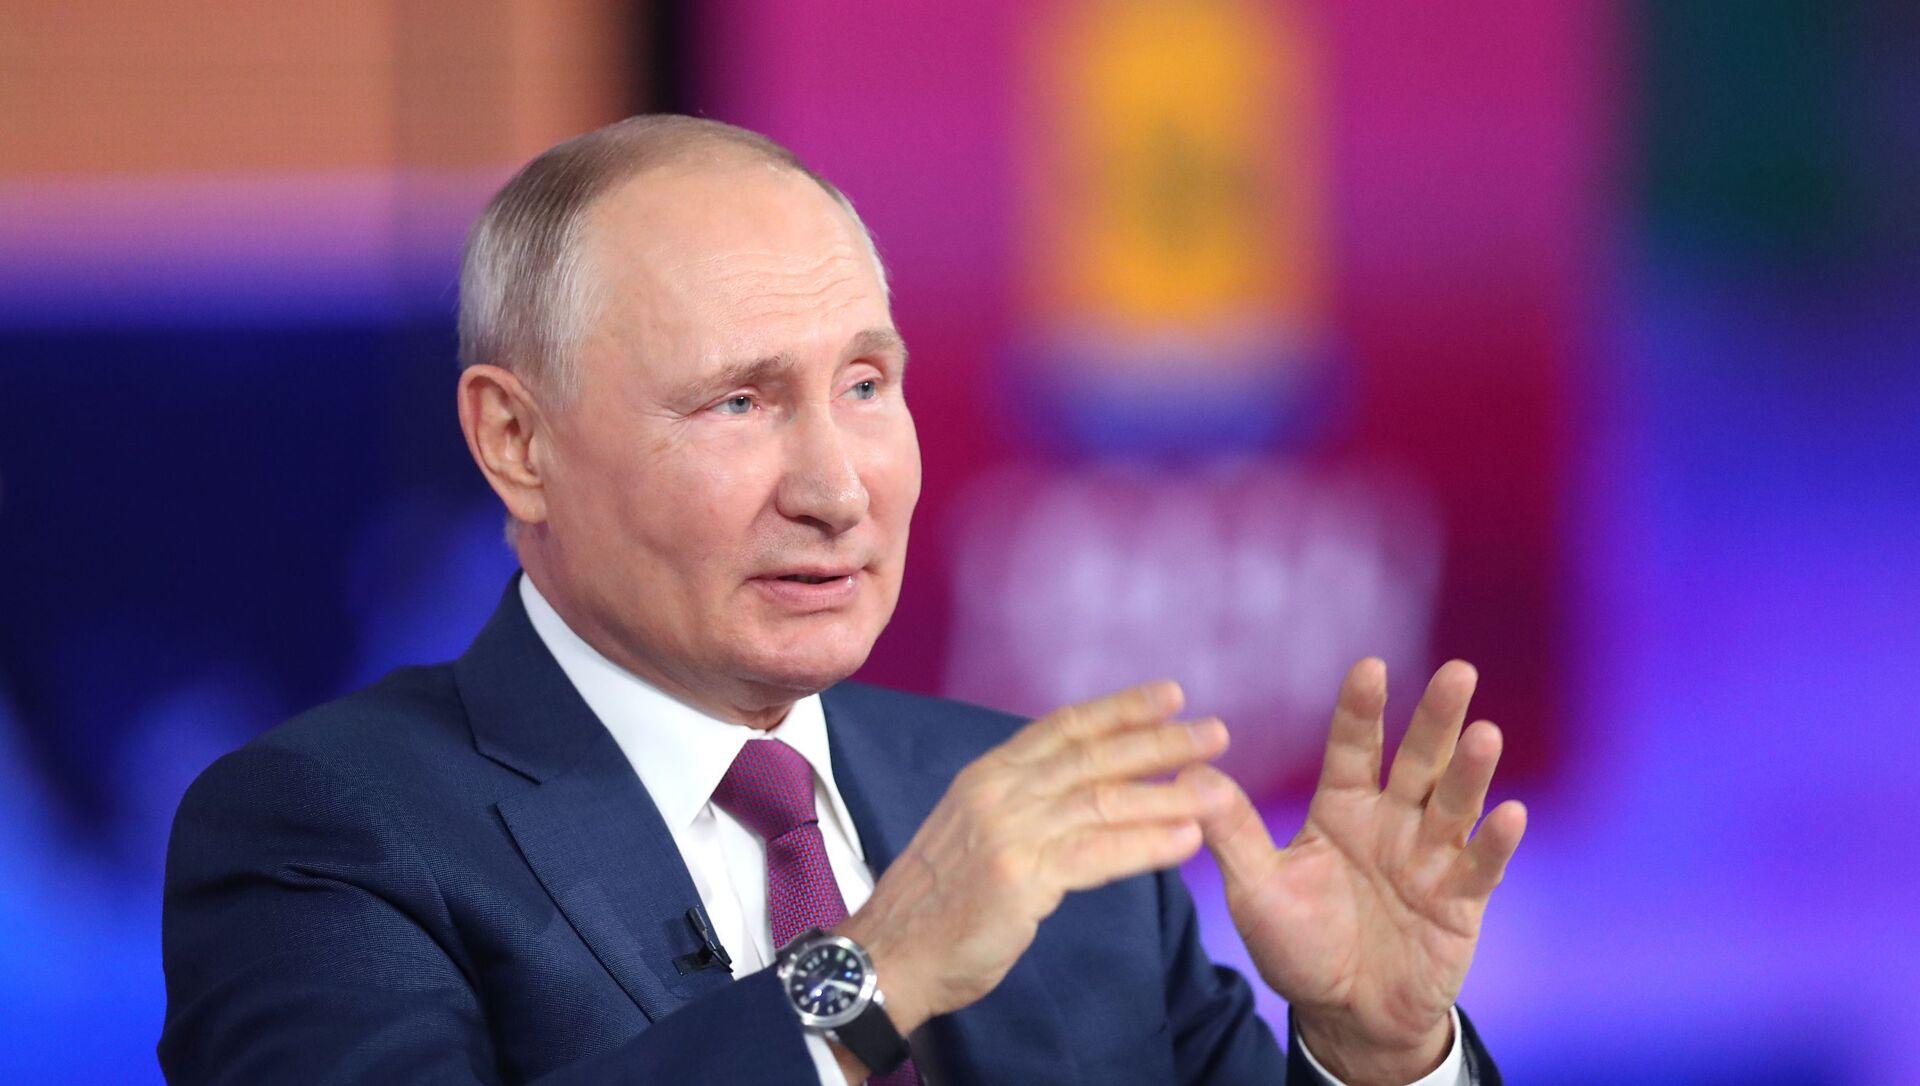 Giao lưu trực tuyến với Tổng thống Nga Vladimir Putin 2021 - Sputnik Việt Nam, 1920, 30.06.2021